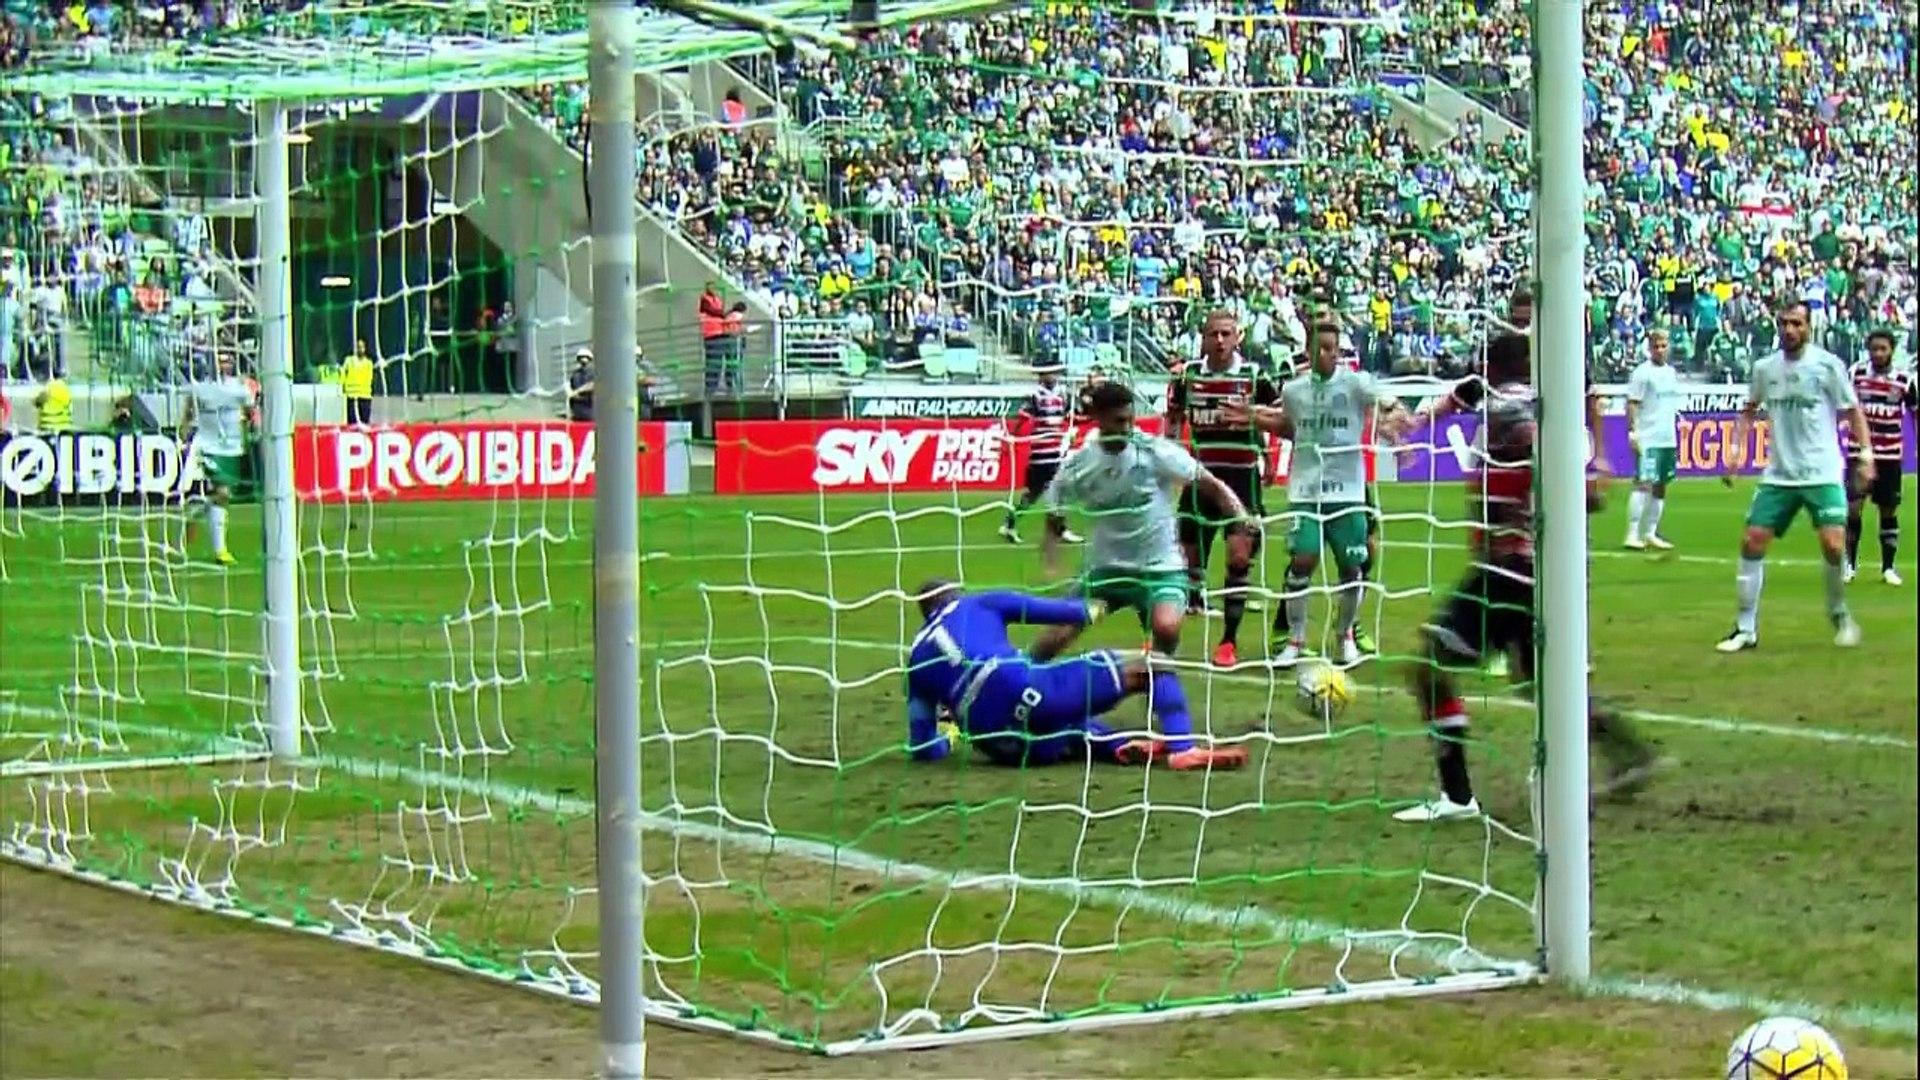 09 Rodada - Palmeiras 3x1 Santa Cruz (Campeonato Brasileiro 2016)